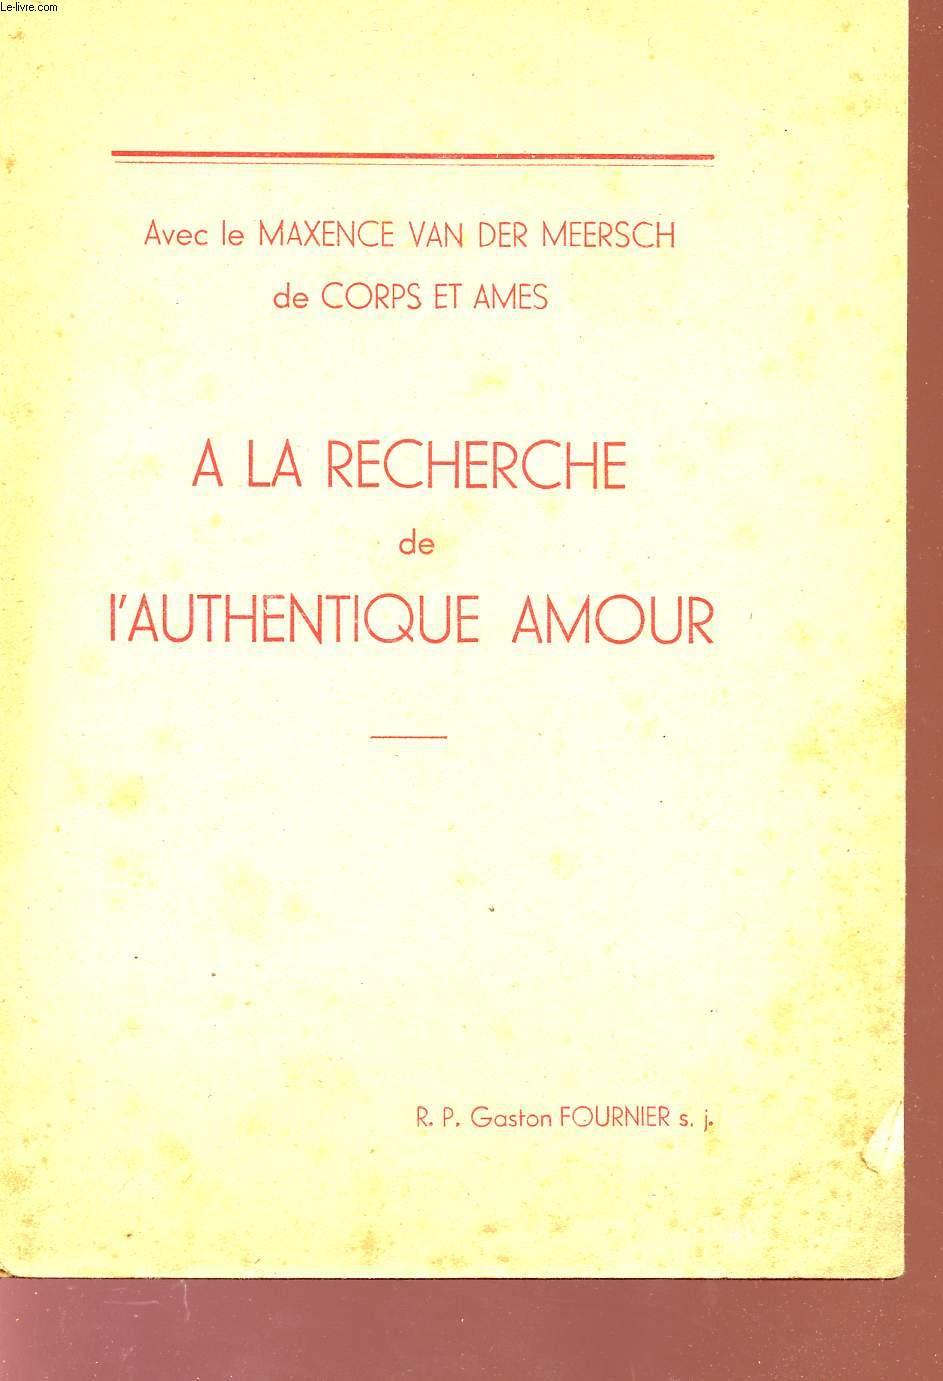 A LA RECHERCHE DE L'AUTHENTIQUE AMOUR.